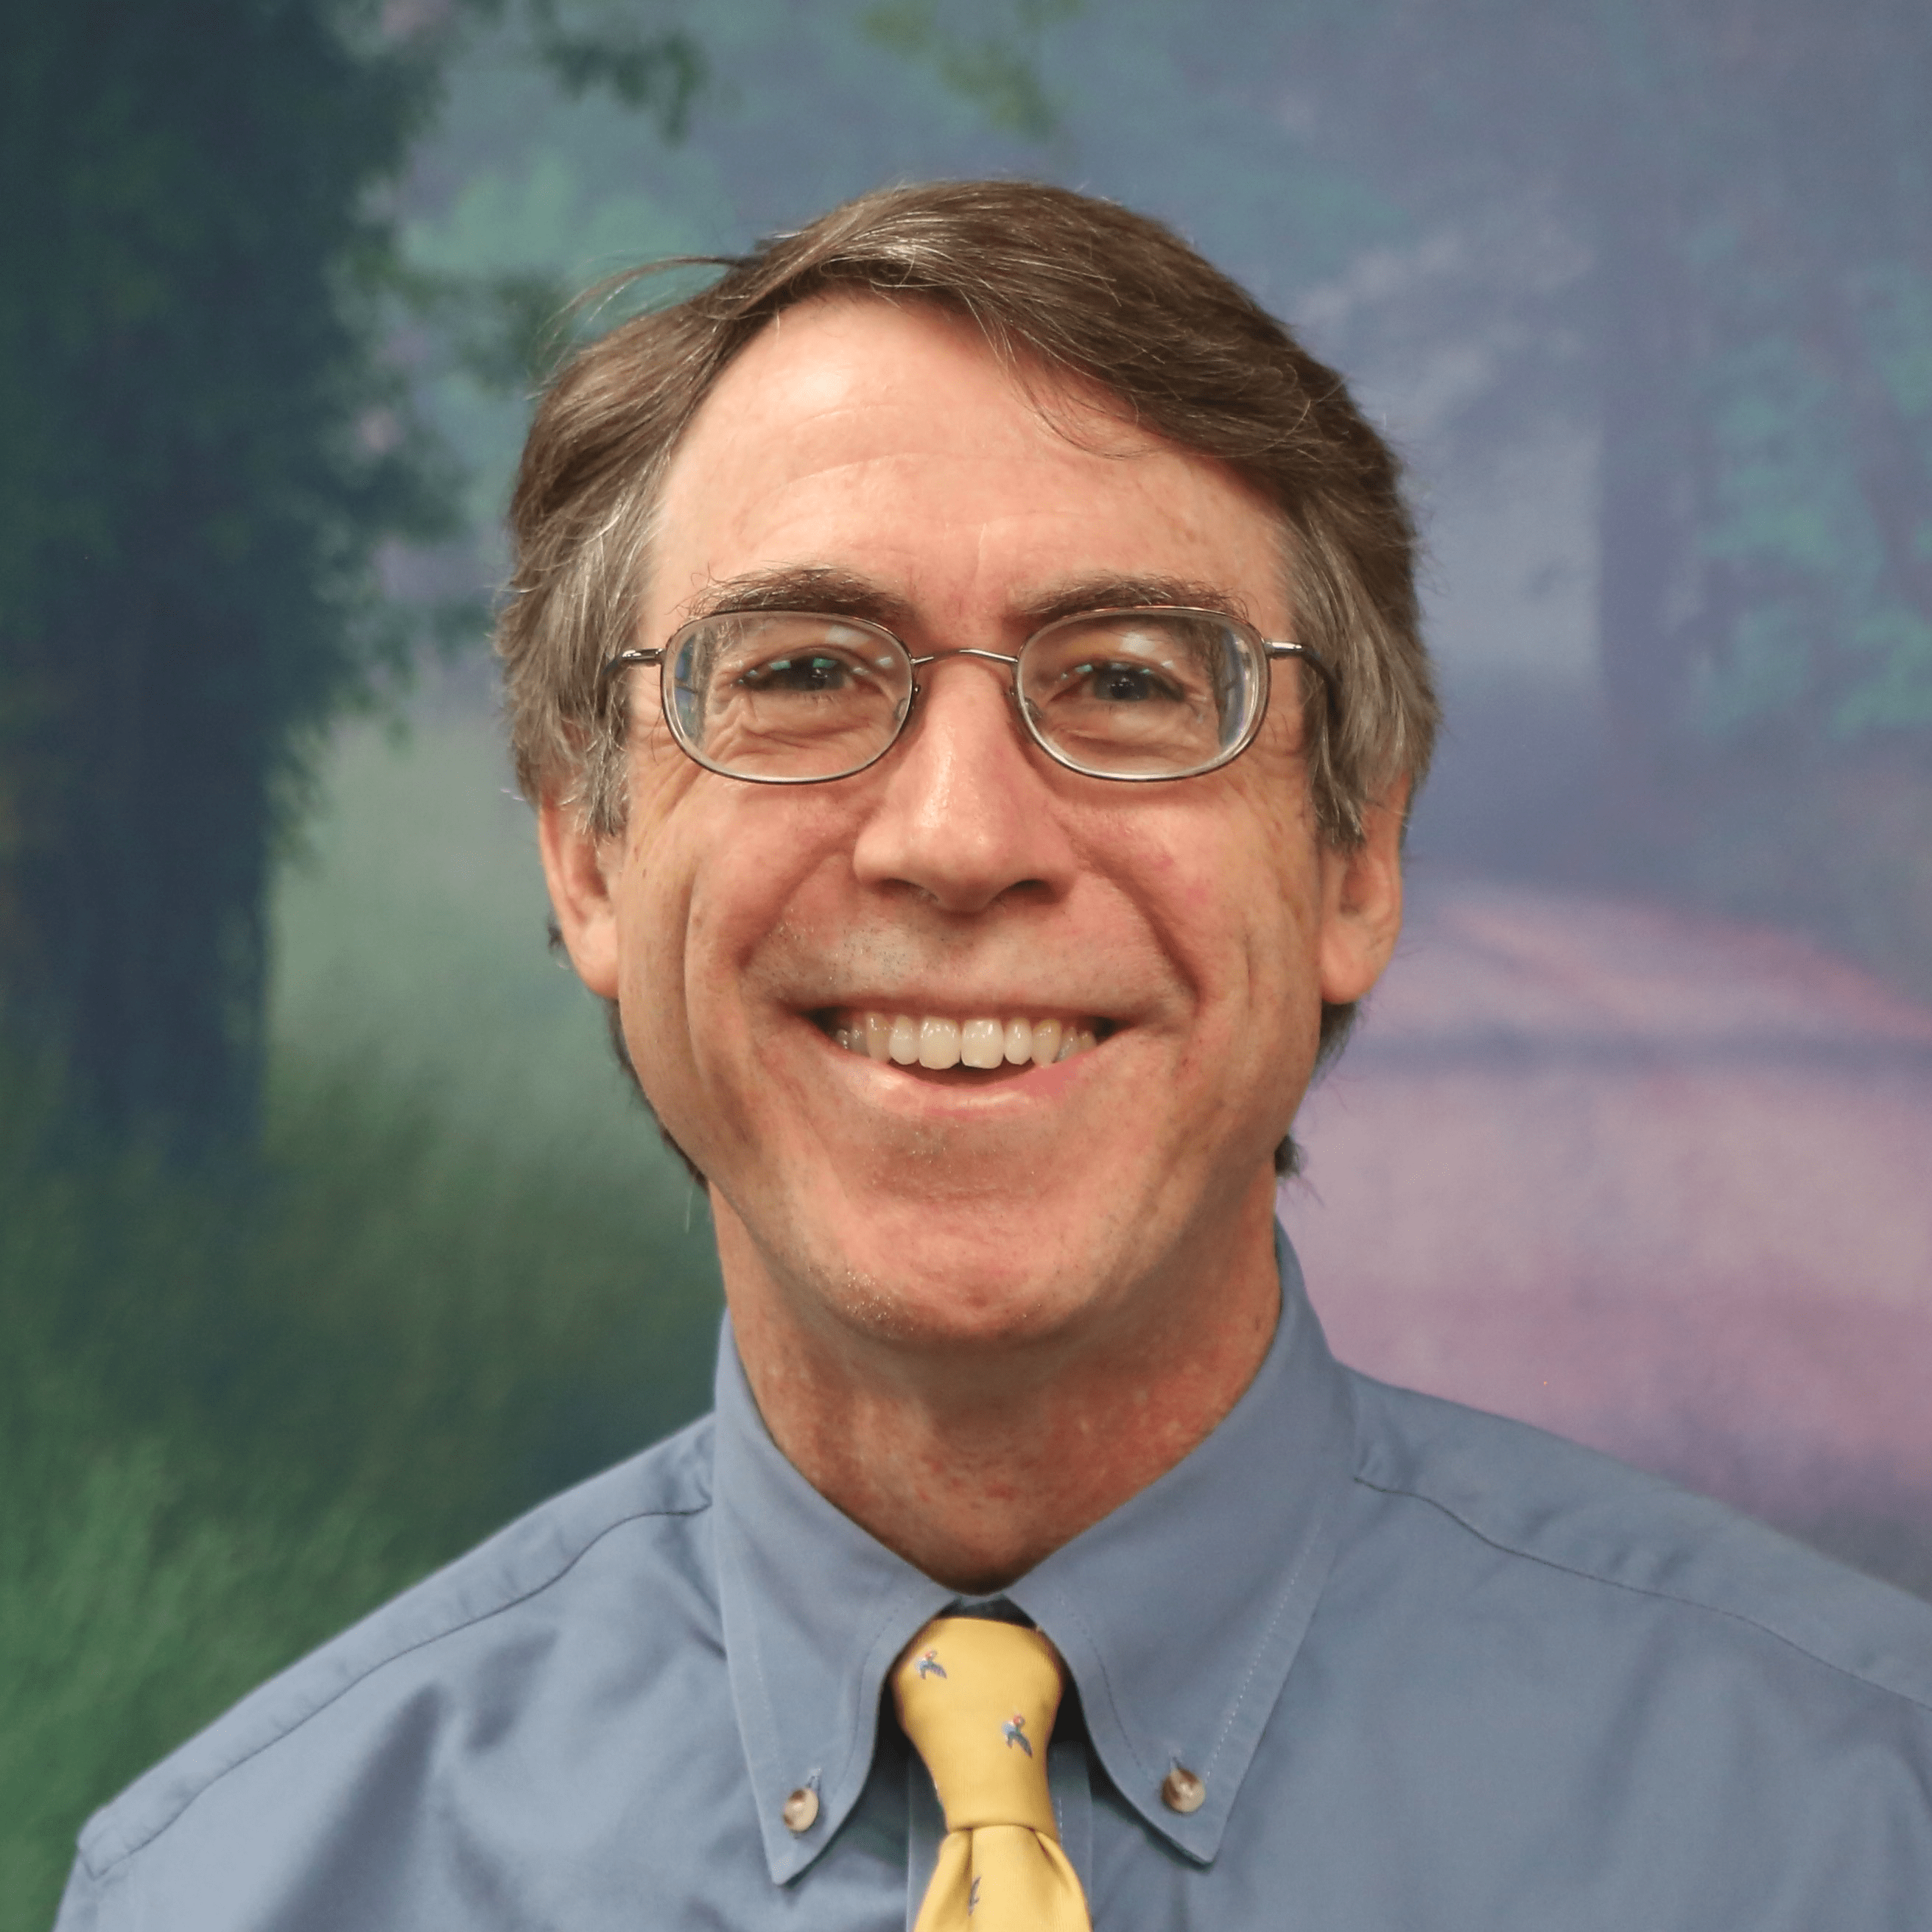 Dr. Mark Keeler